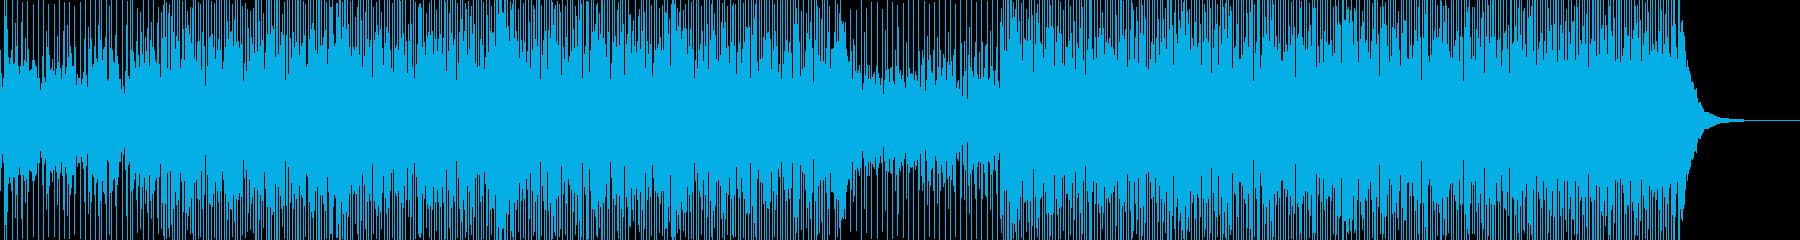 ガットギターメインのおしゃれなBGMの再生済みの波形